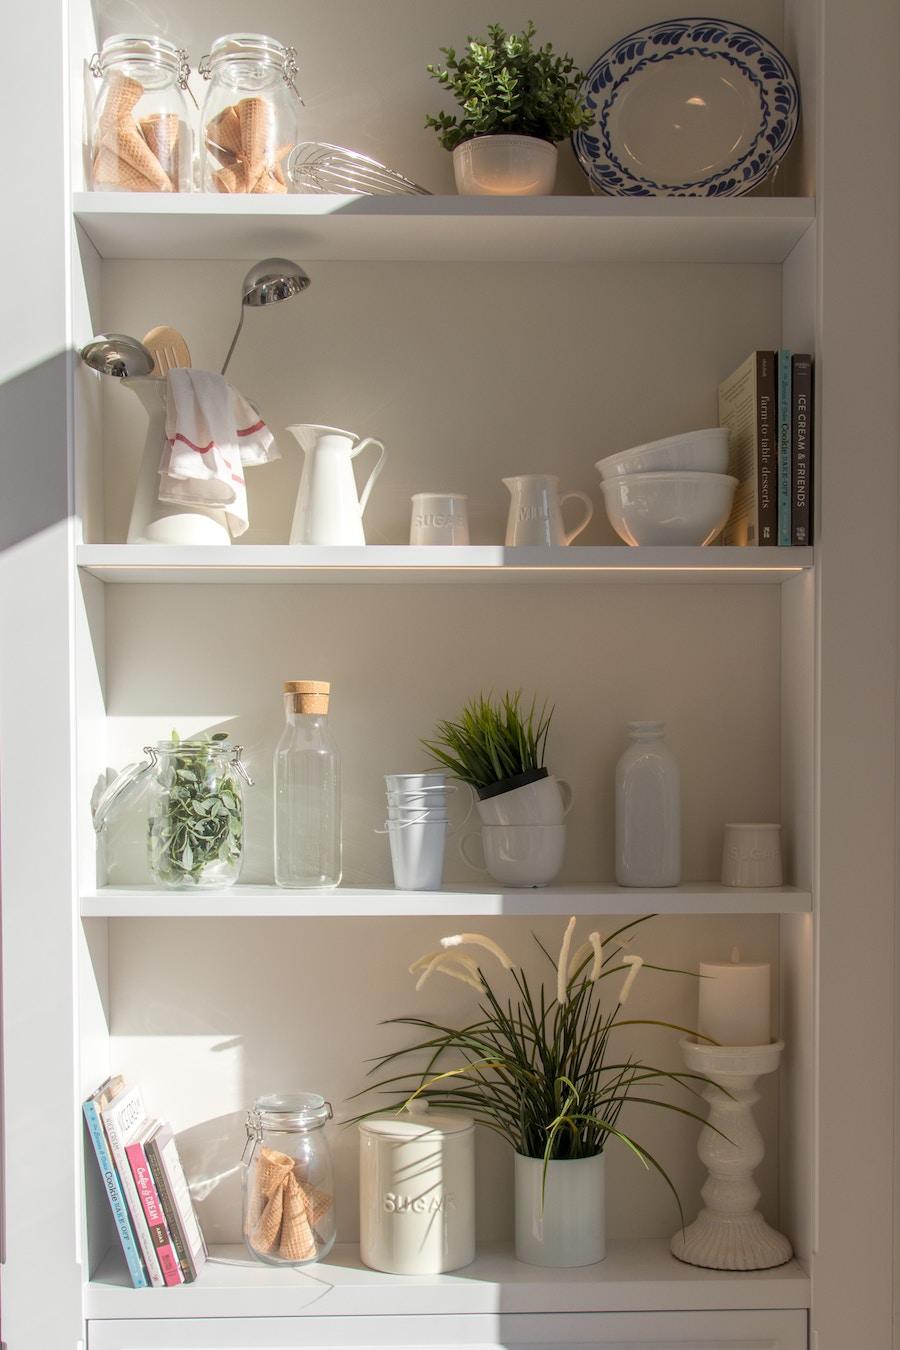 Estantería minimalista con objetos de cocina